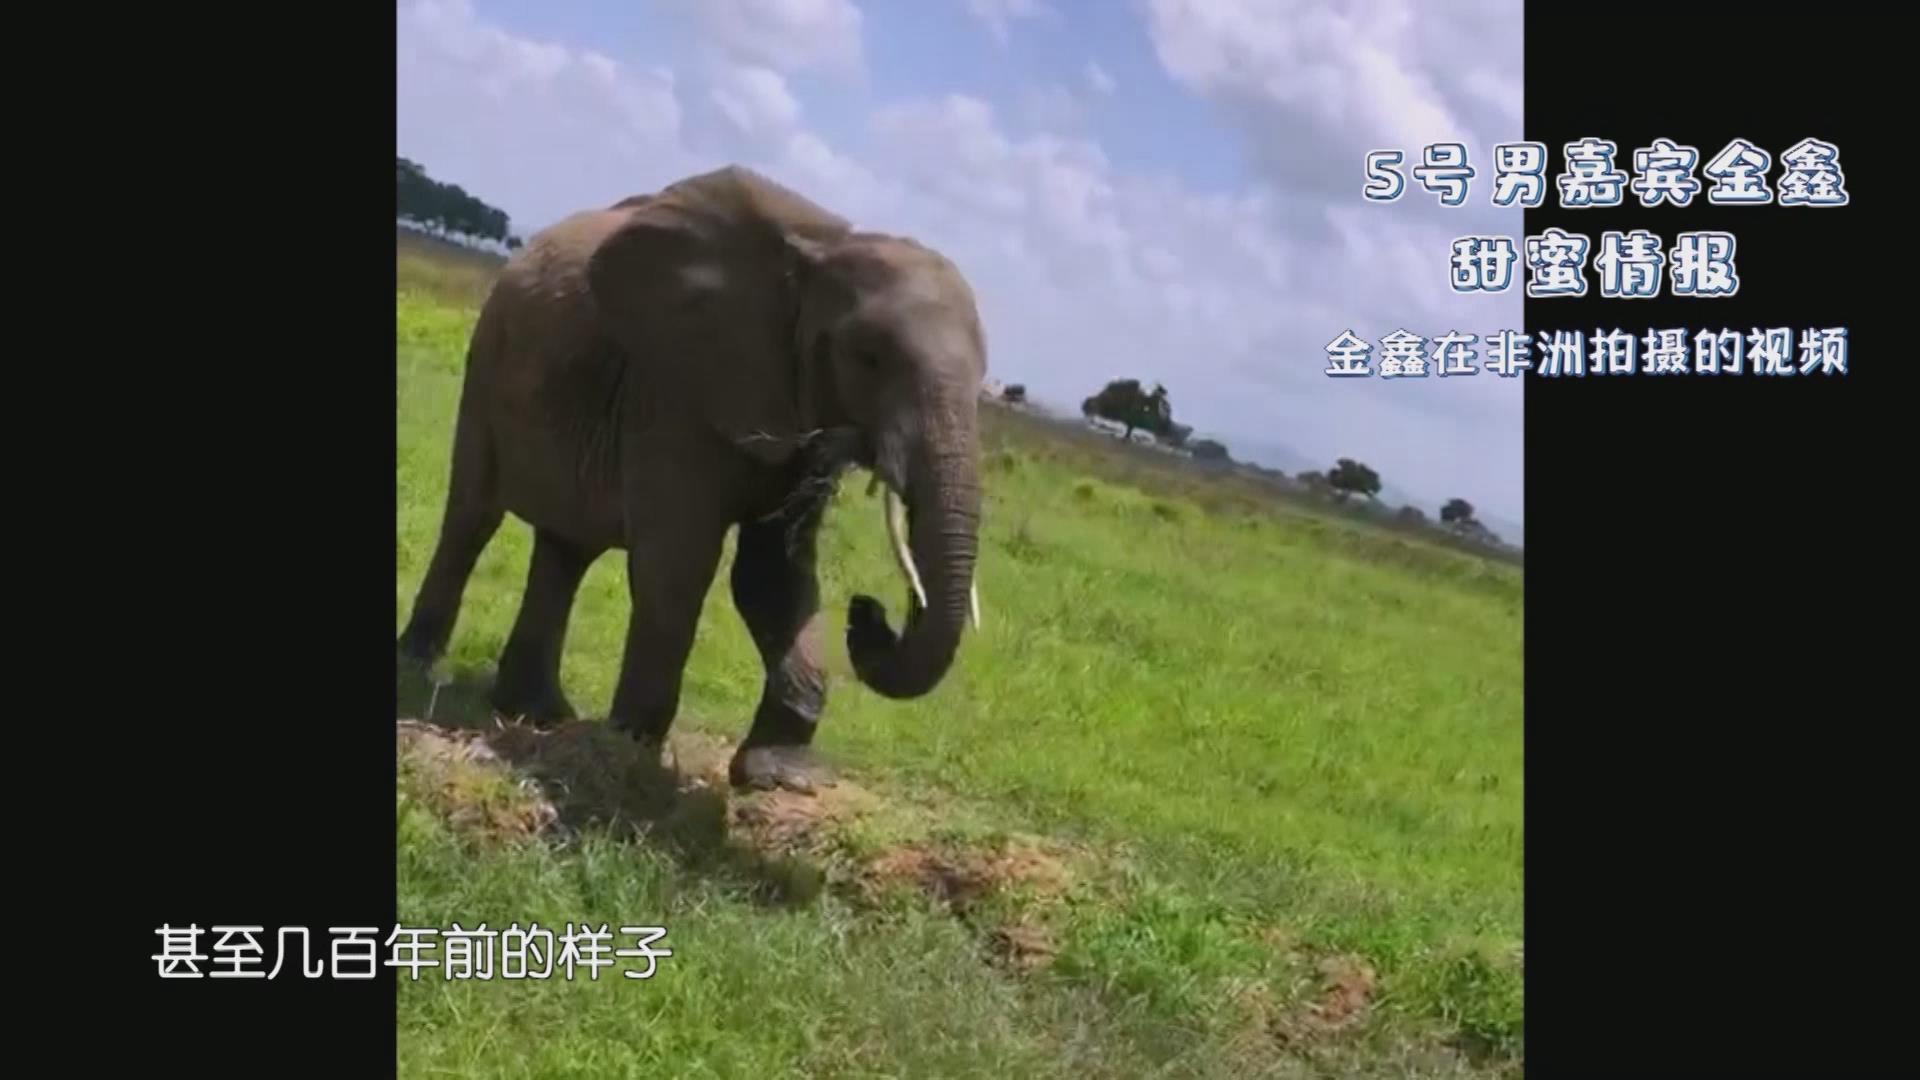 新相亲:最浪漫的事就是带你去非洲大草原看动物迁徙!